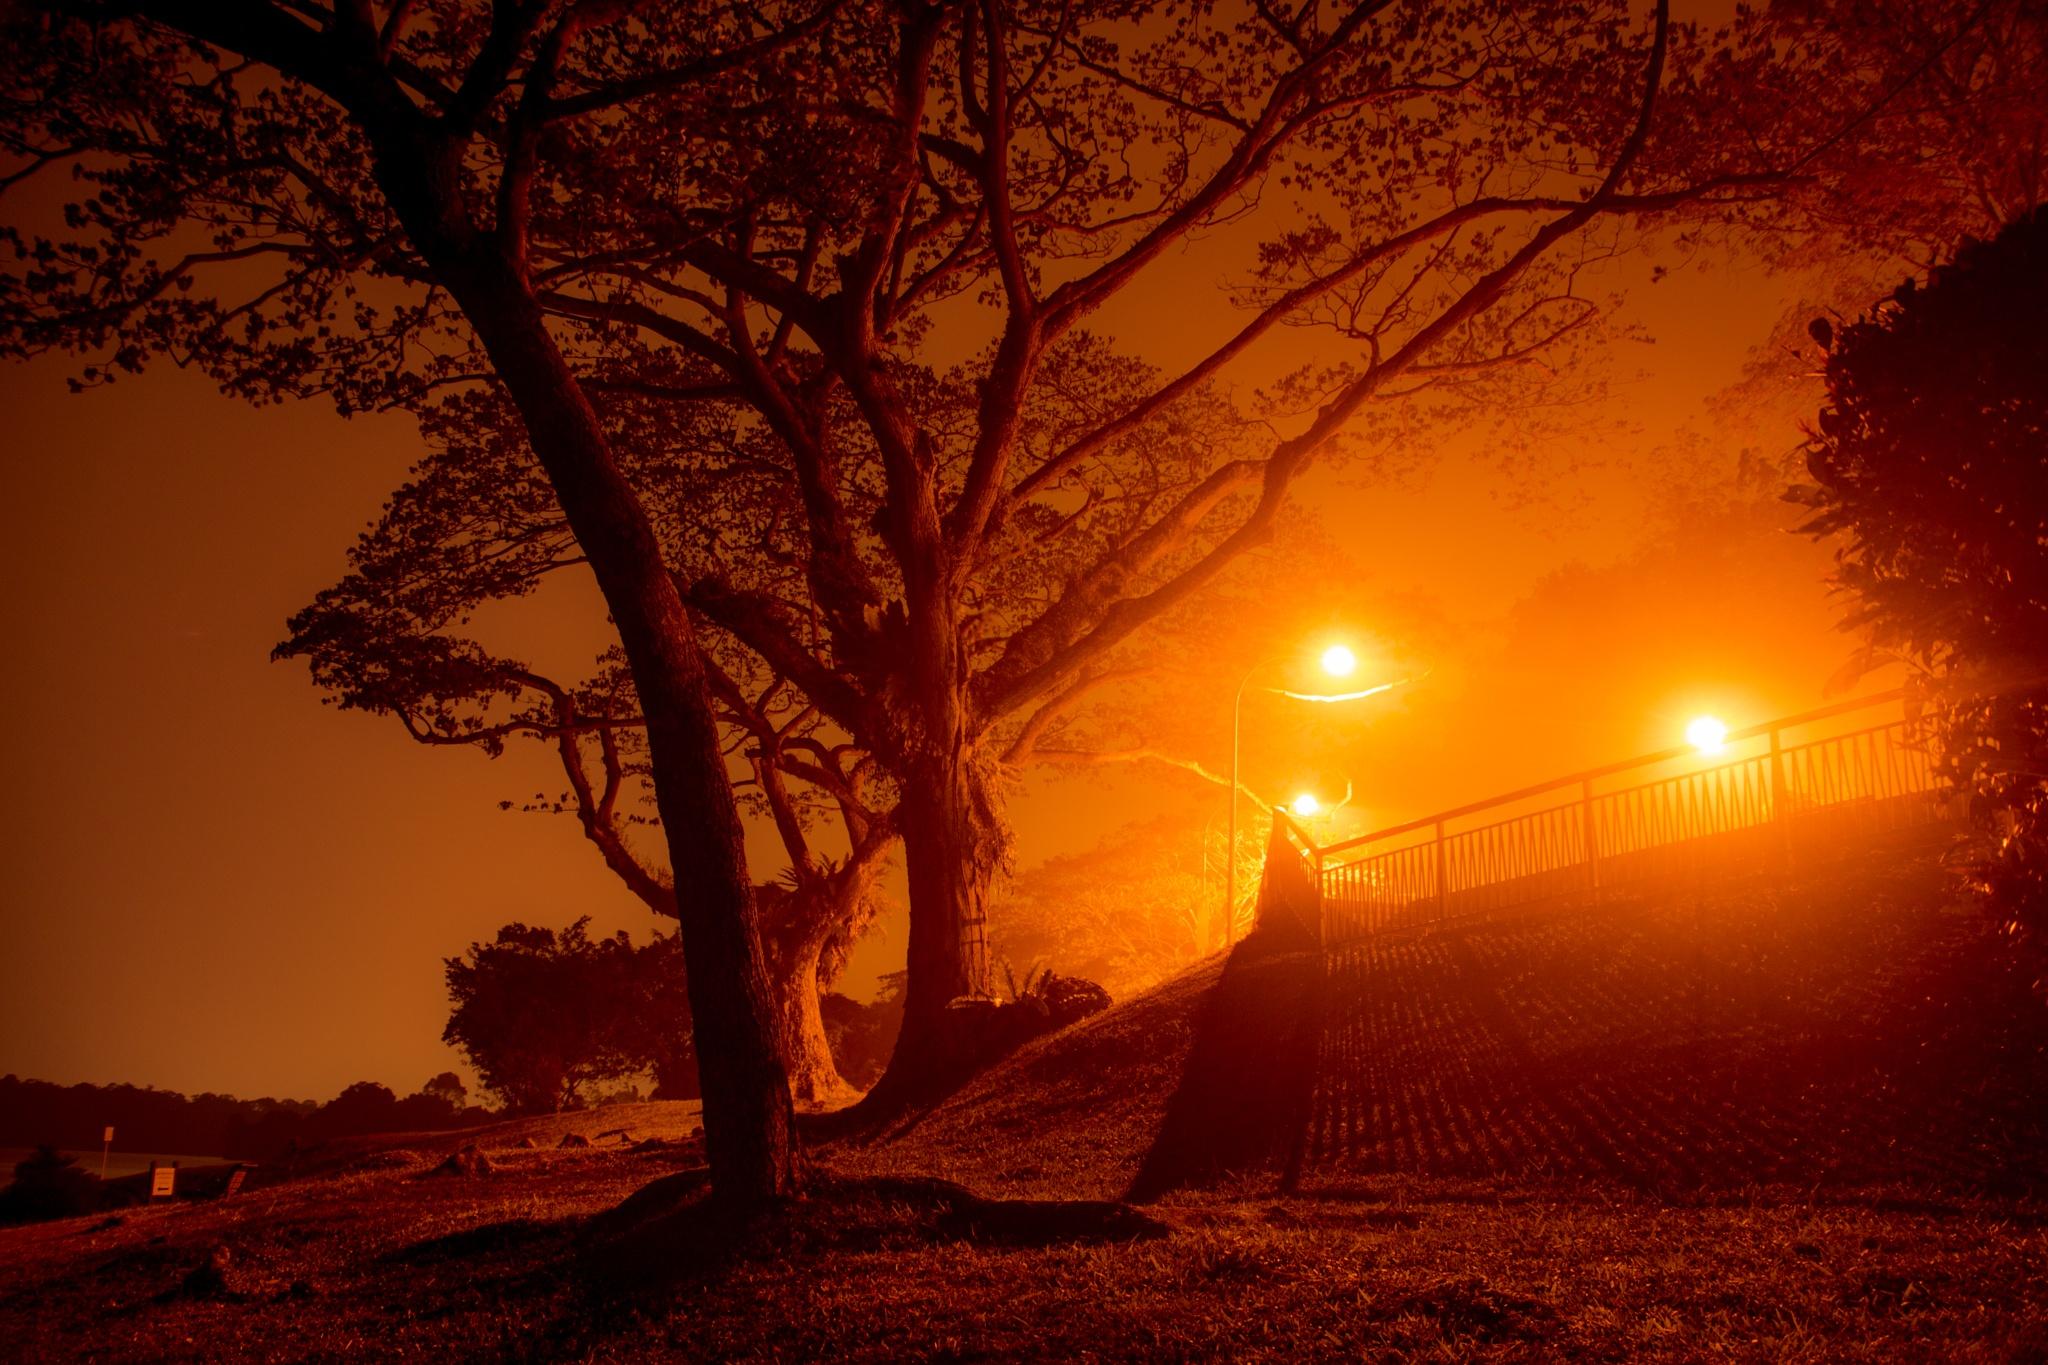 Haze in the night by Thomas Ho